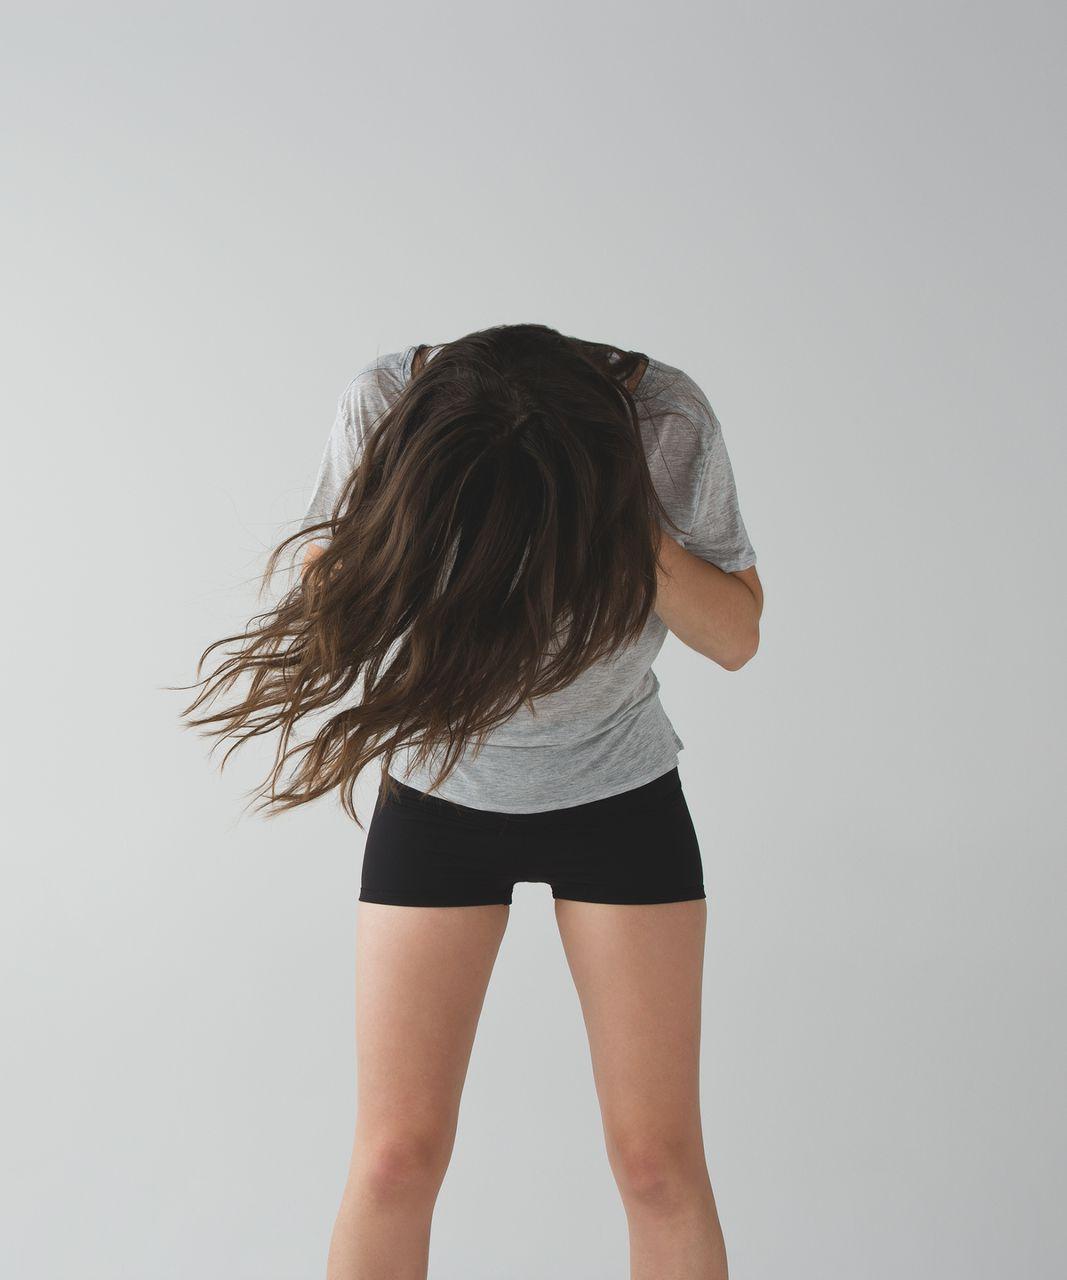 Lululemon Boogie Short (Roll Down) (Full-On Luon) - Black